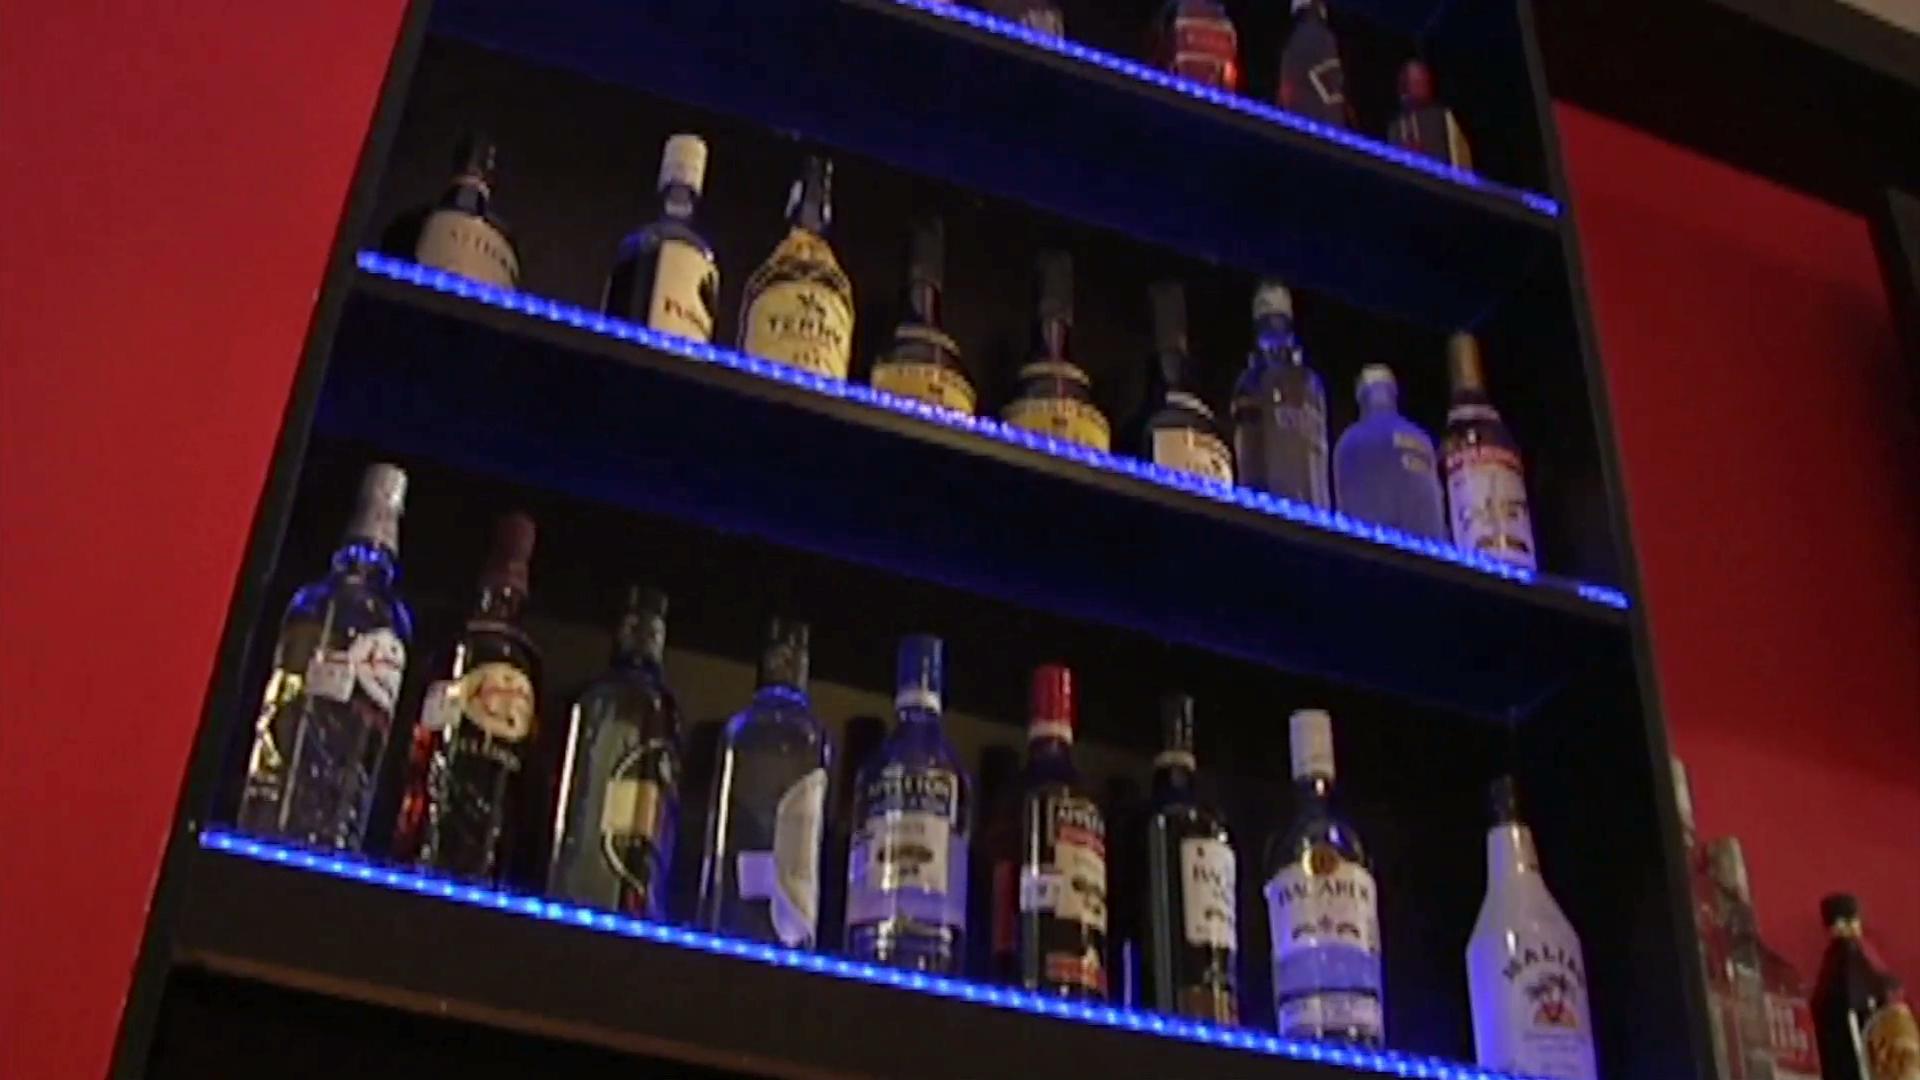 Xalapa adecuará reglamento de comercio para aplicar nueva Ley para una Juventud Segura y Libre de Alcohol